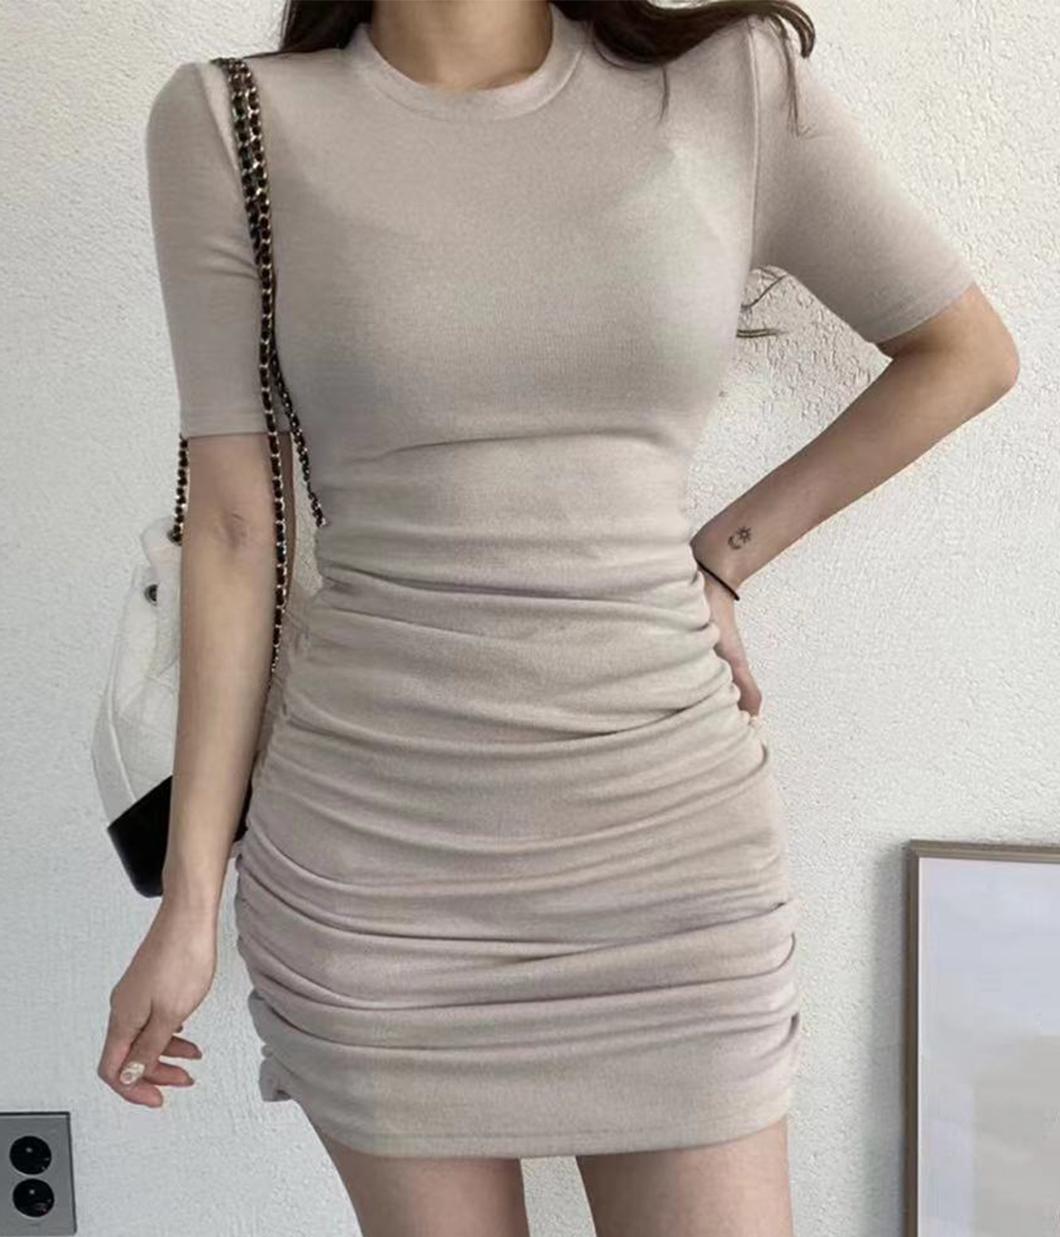 64.魅力曲線修身抓皺洋裝